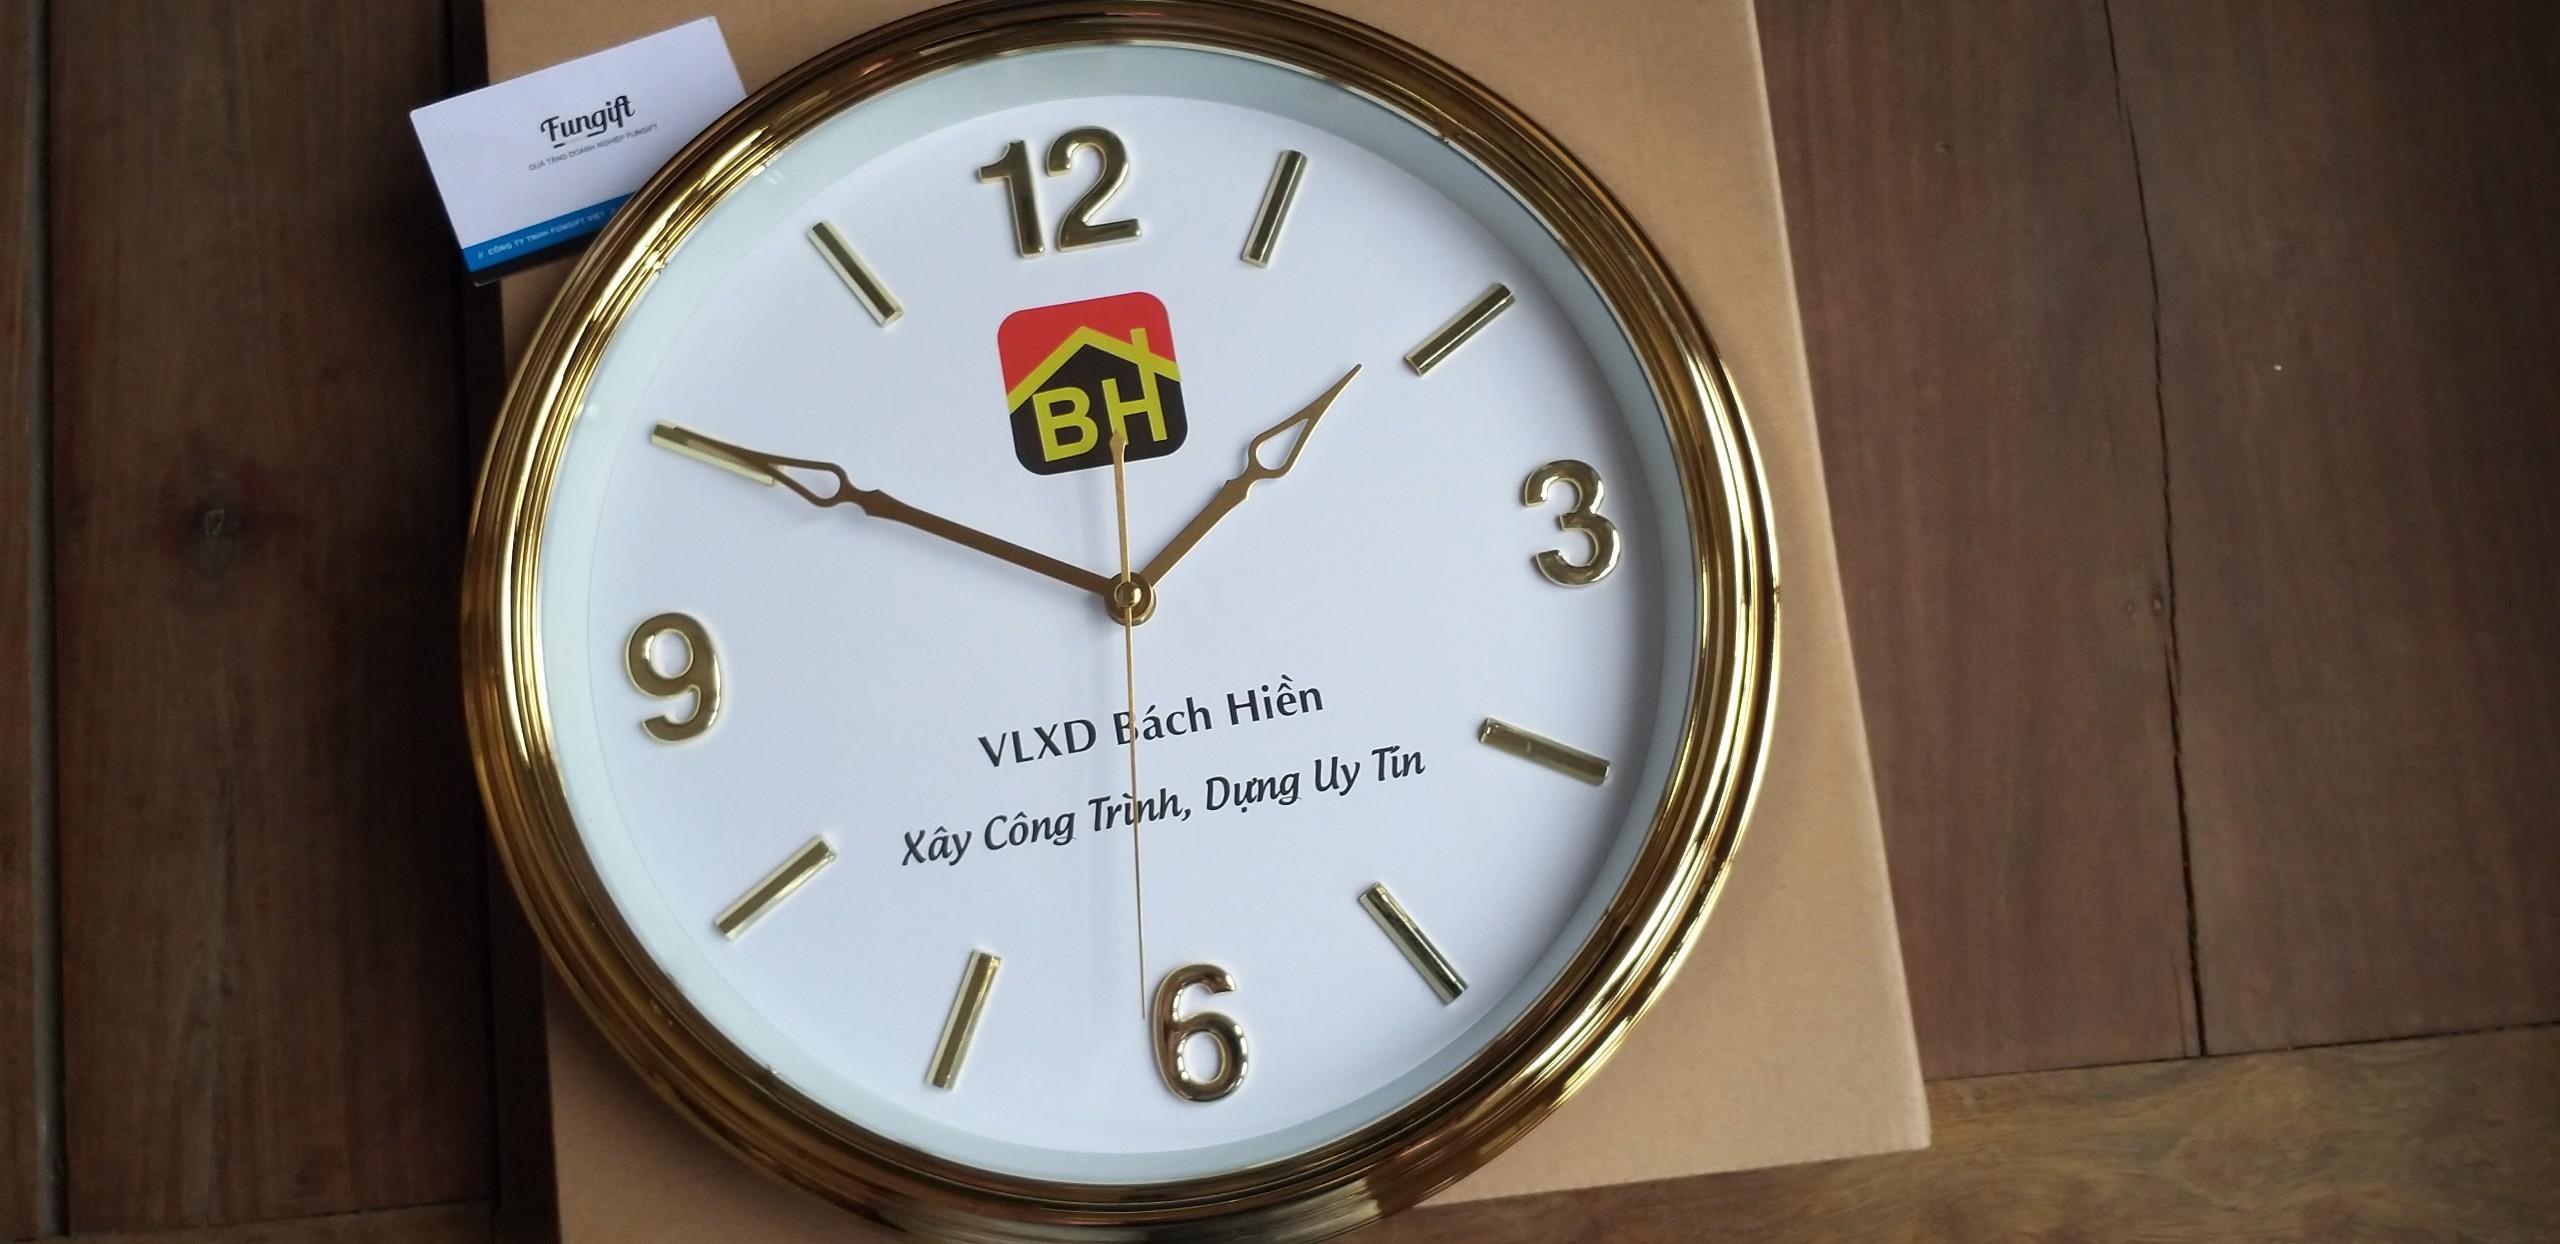 Xưởng sản xuất đồng hồ giá rẻ